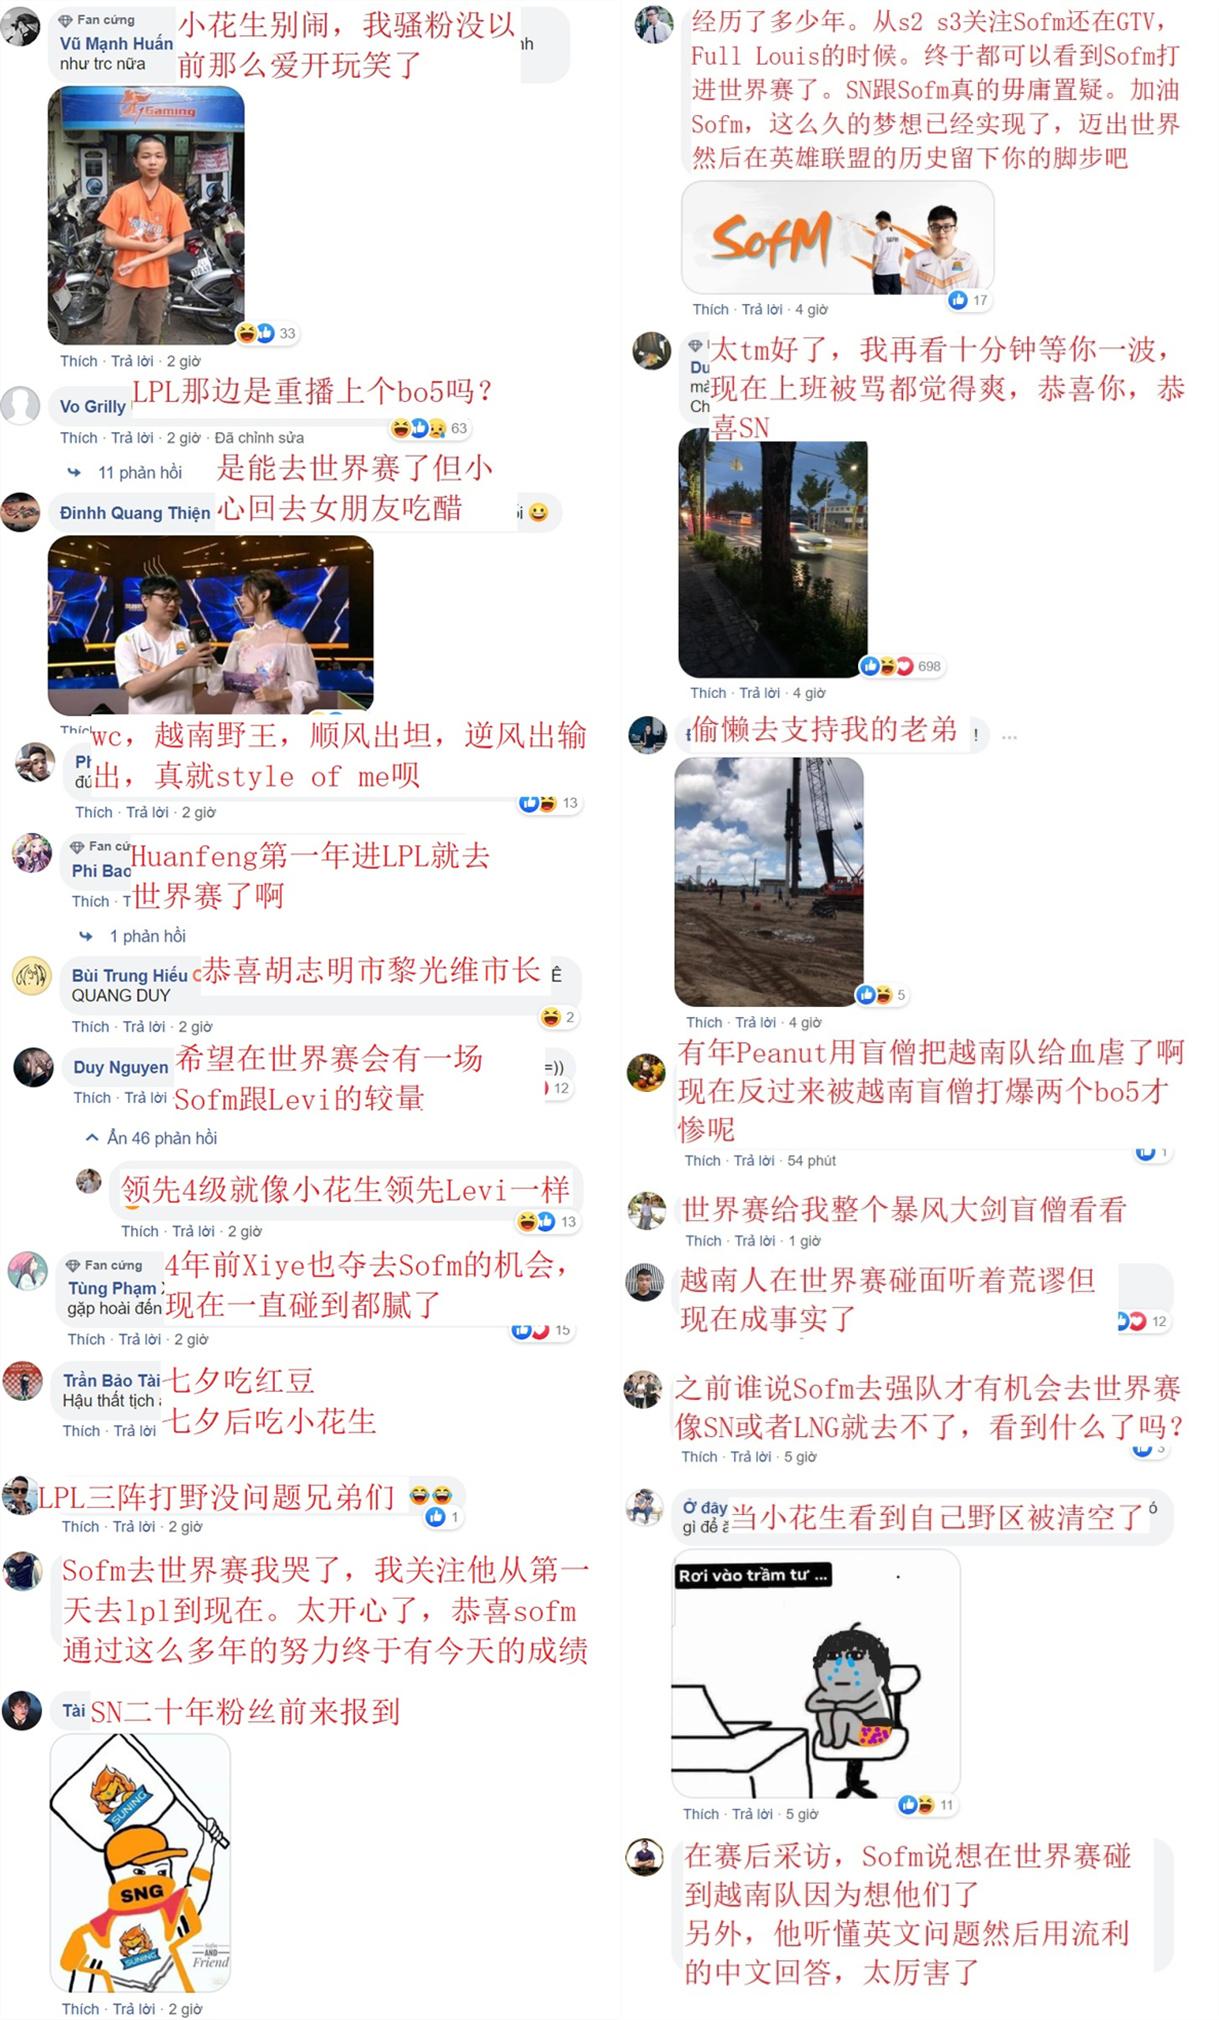 越南网友热评Sofm,SN成了拥有国外粉丝最多的LPL战队